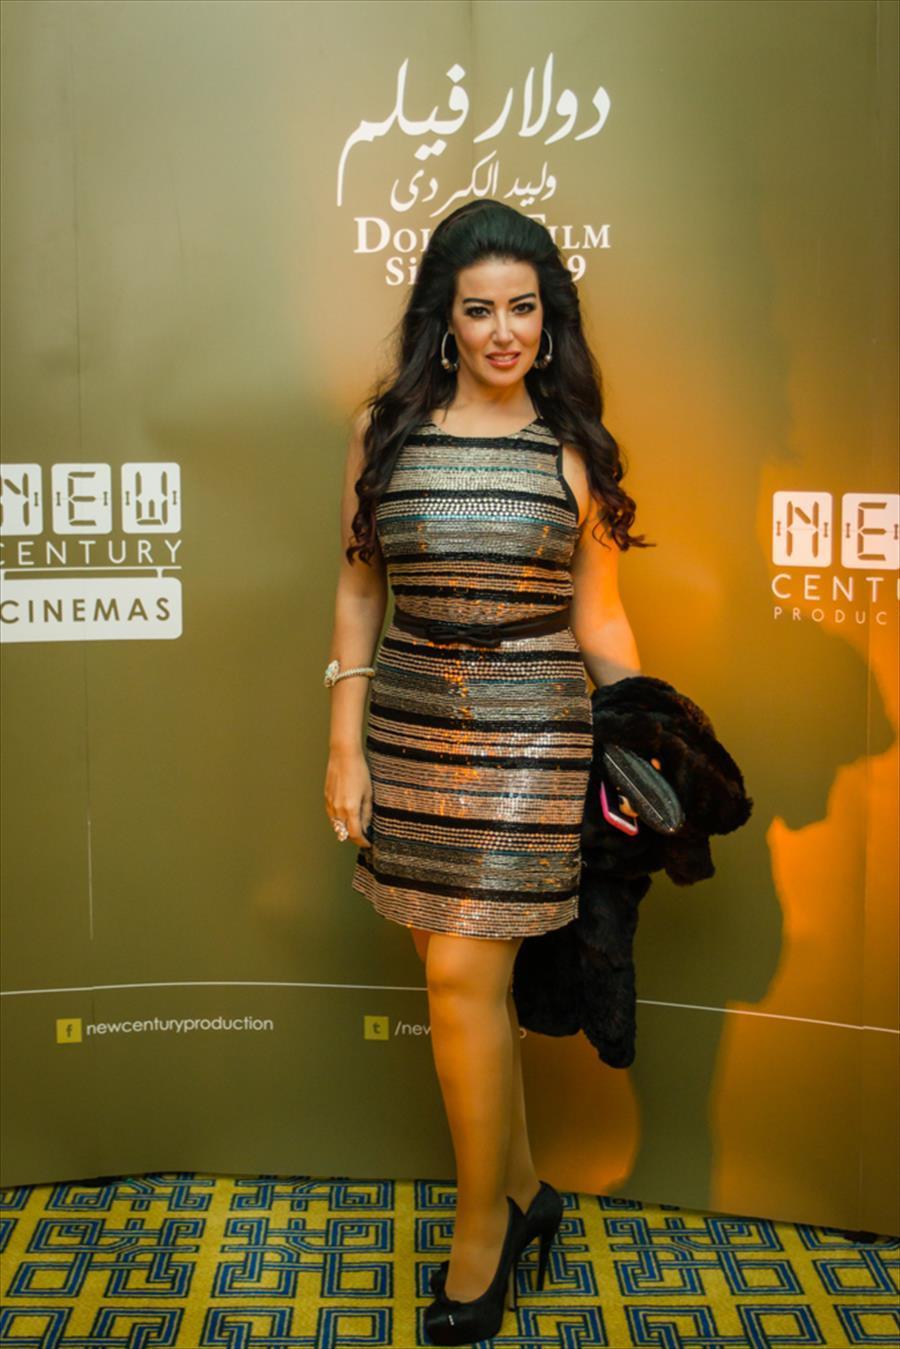 صورة فستان سميه الخشاب , سميه الخشاب واحدث فستان لها 5926 9